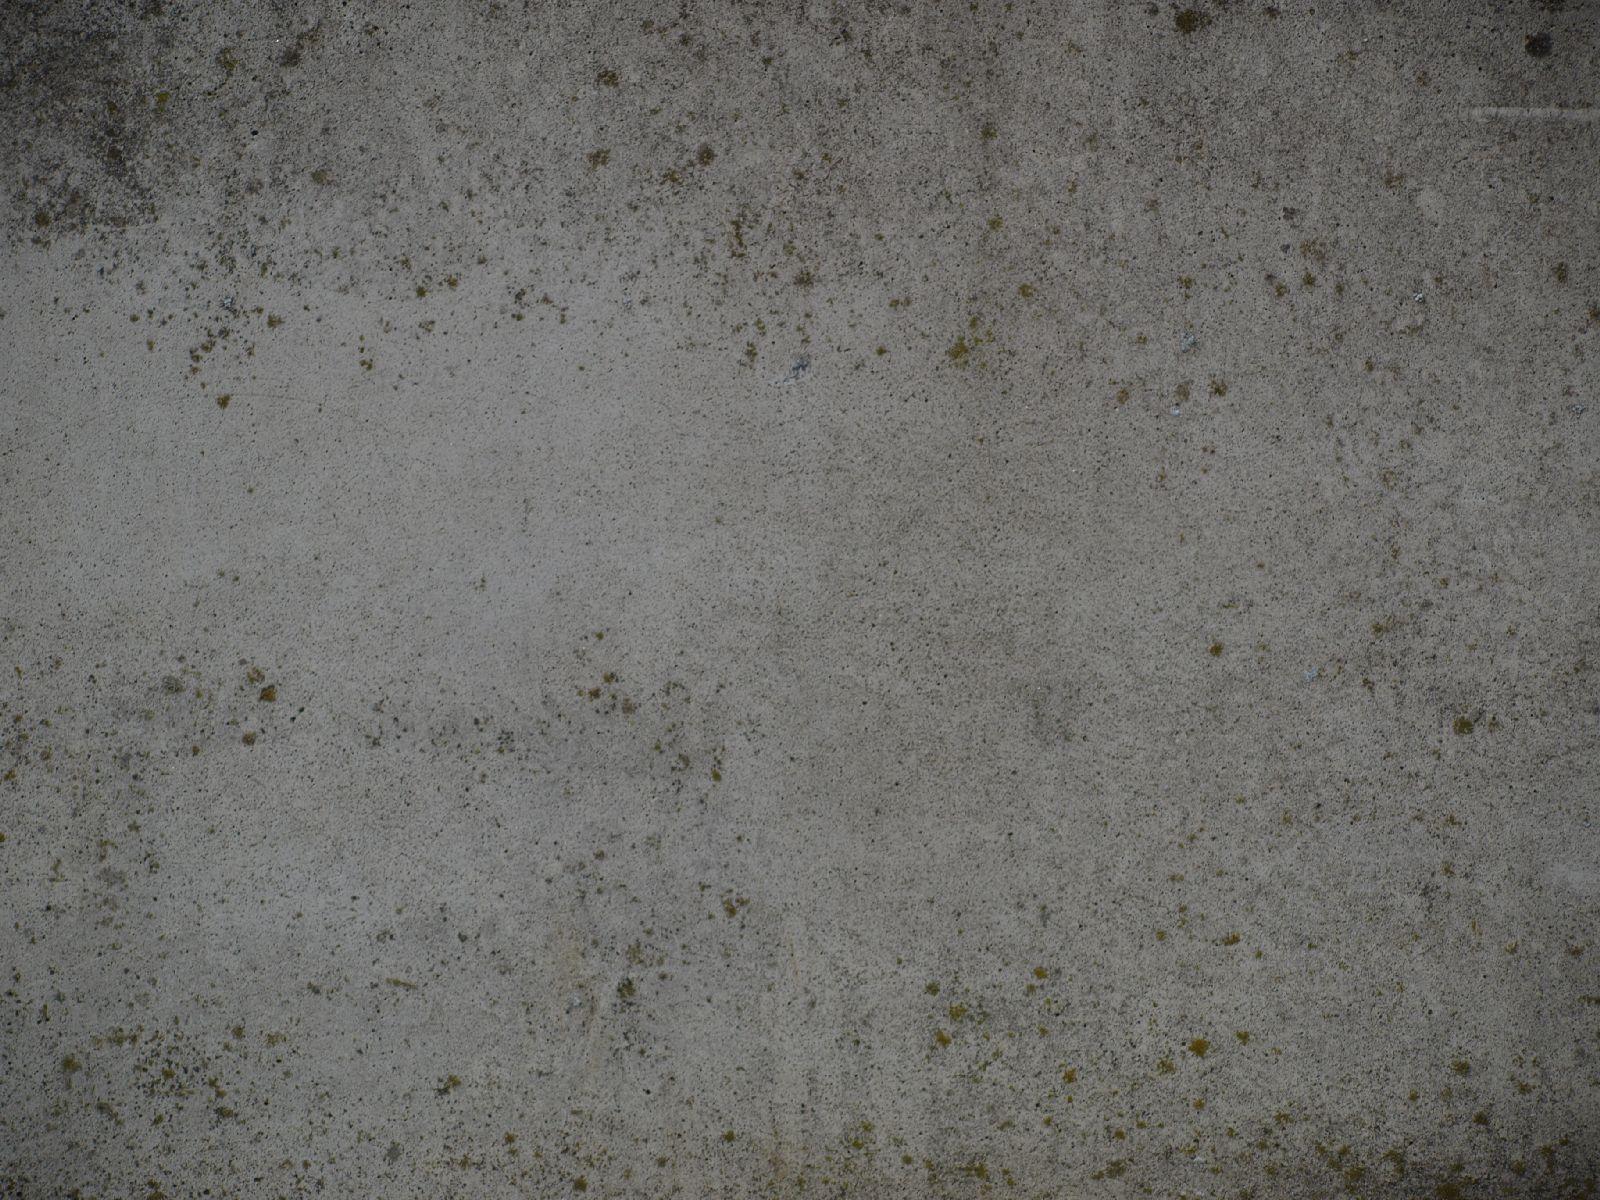 Grunge-Dreck_Textur_A_P8289275